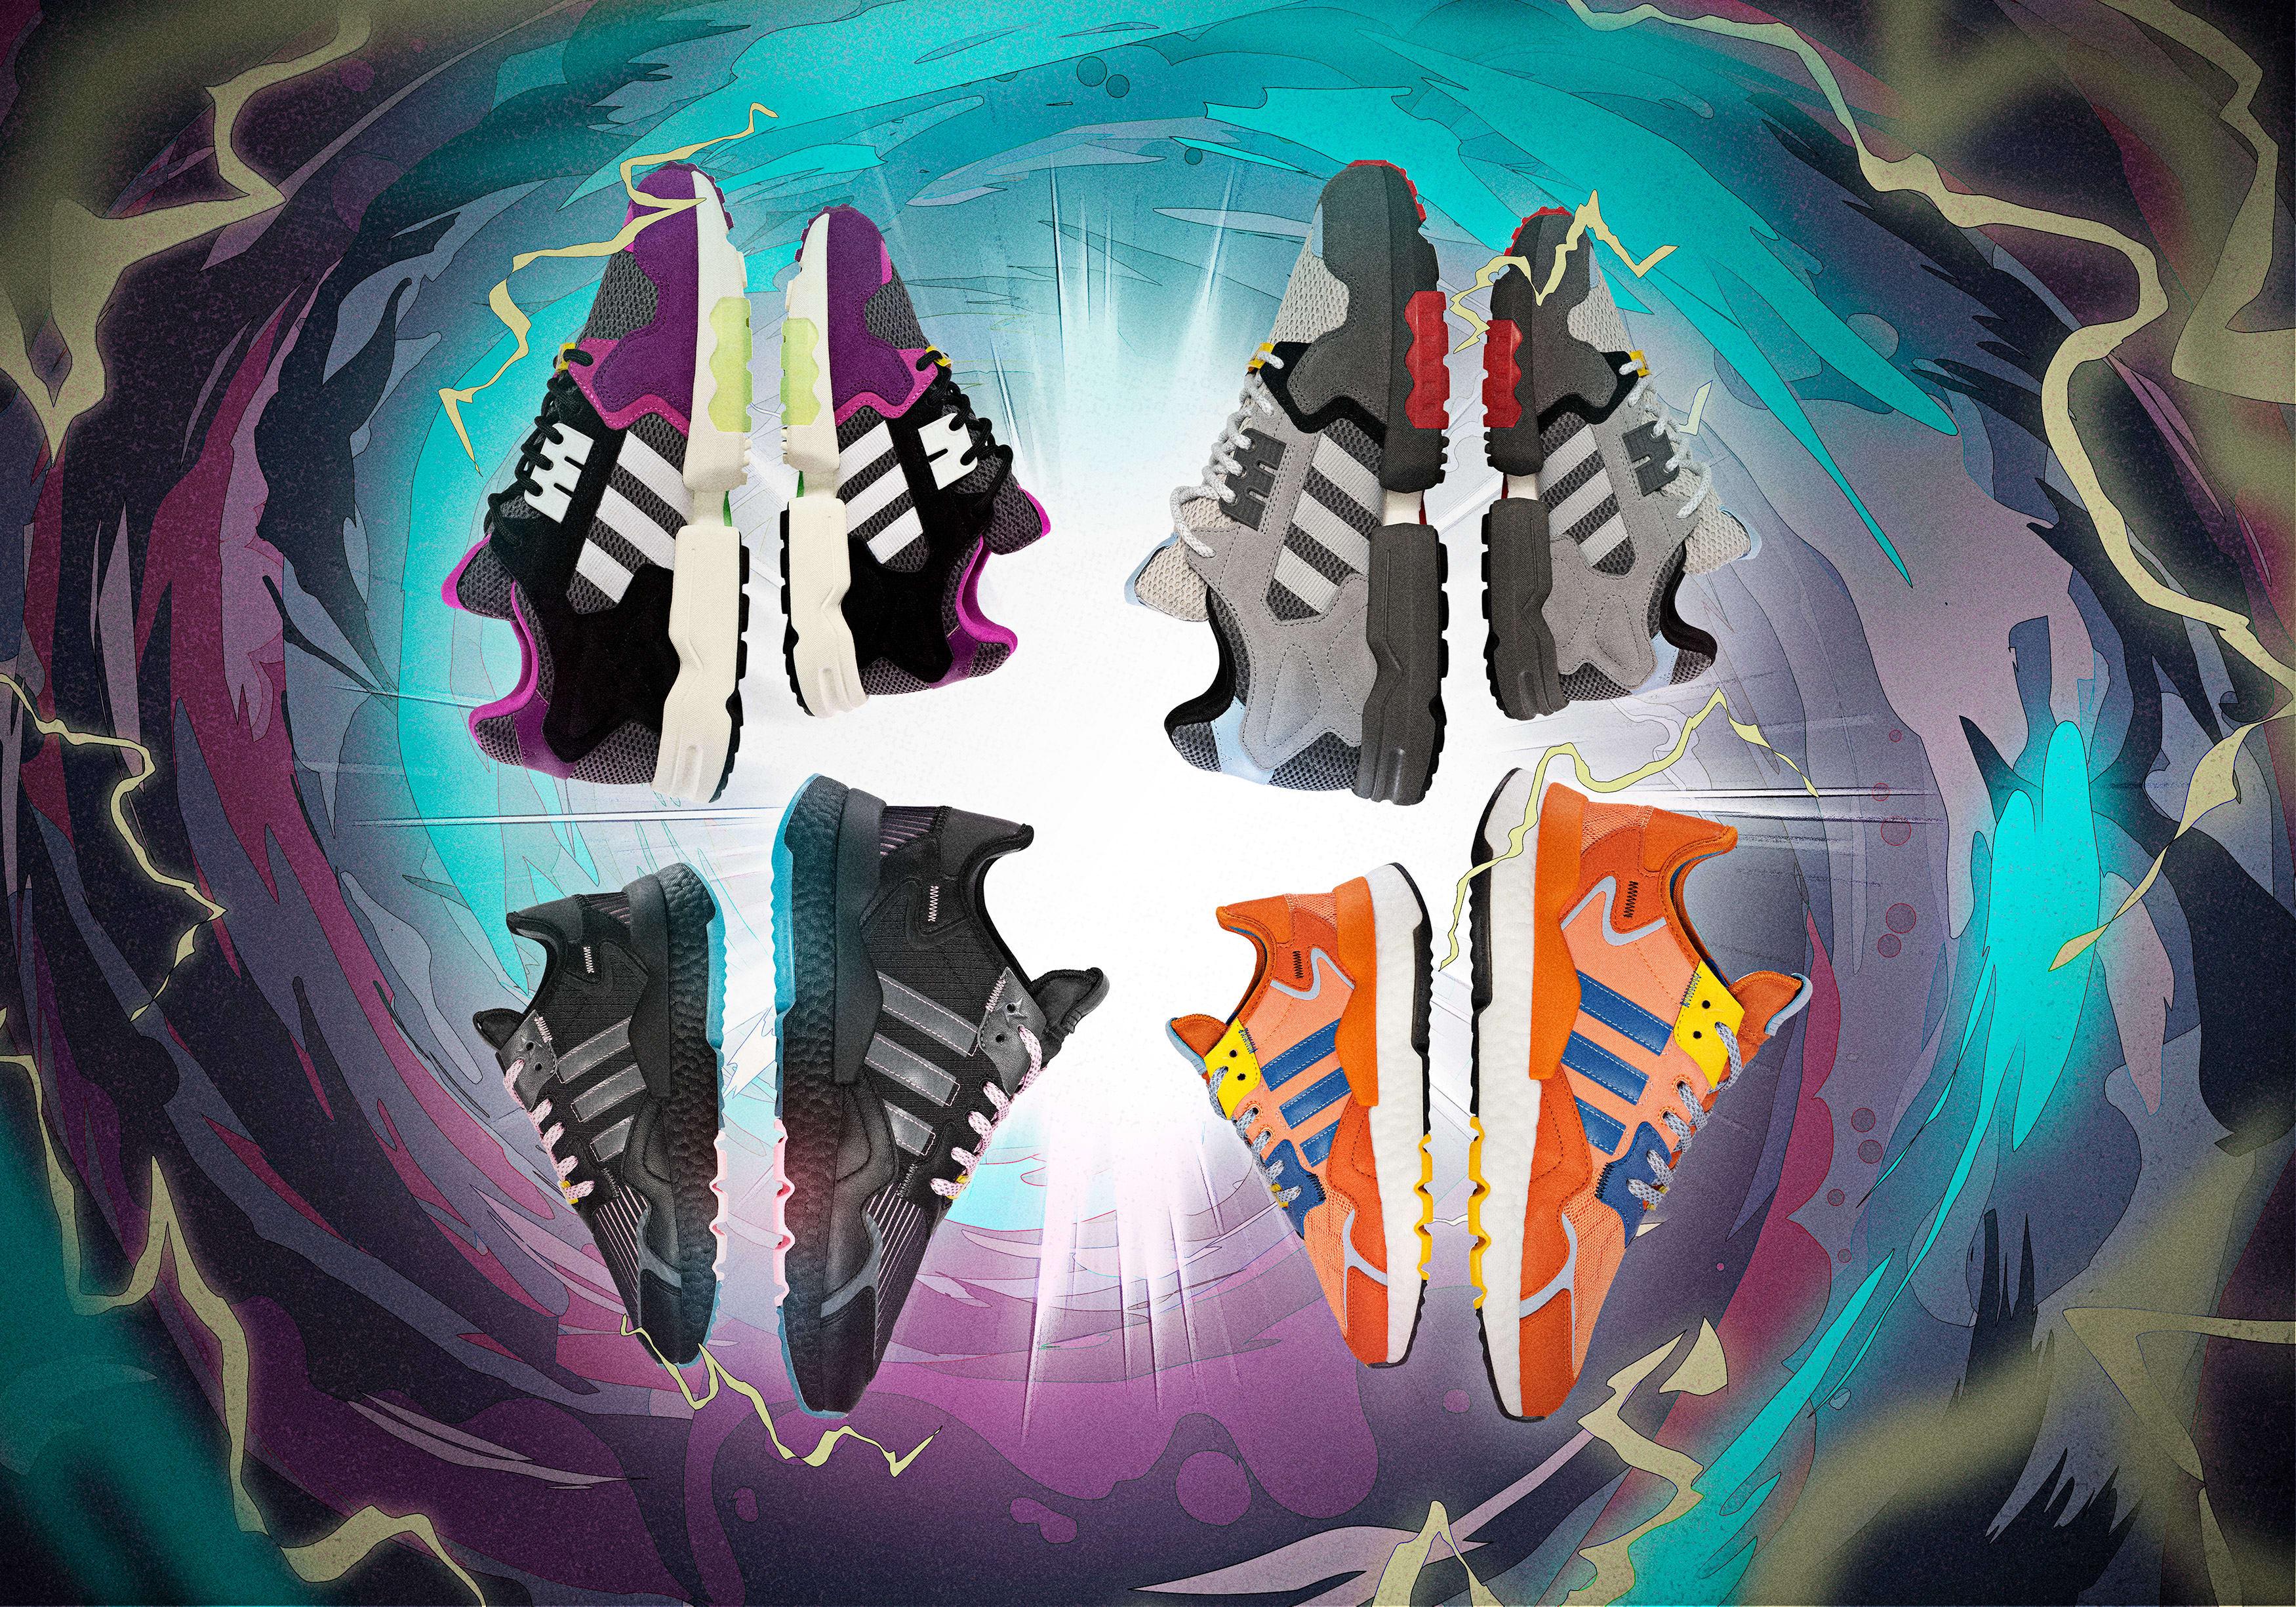 Ninja x Adidas Collection